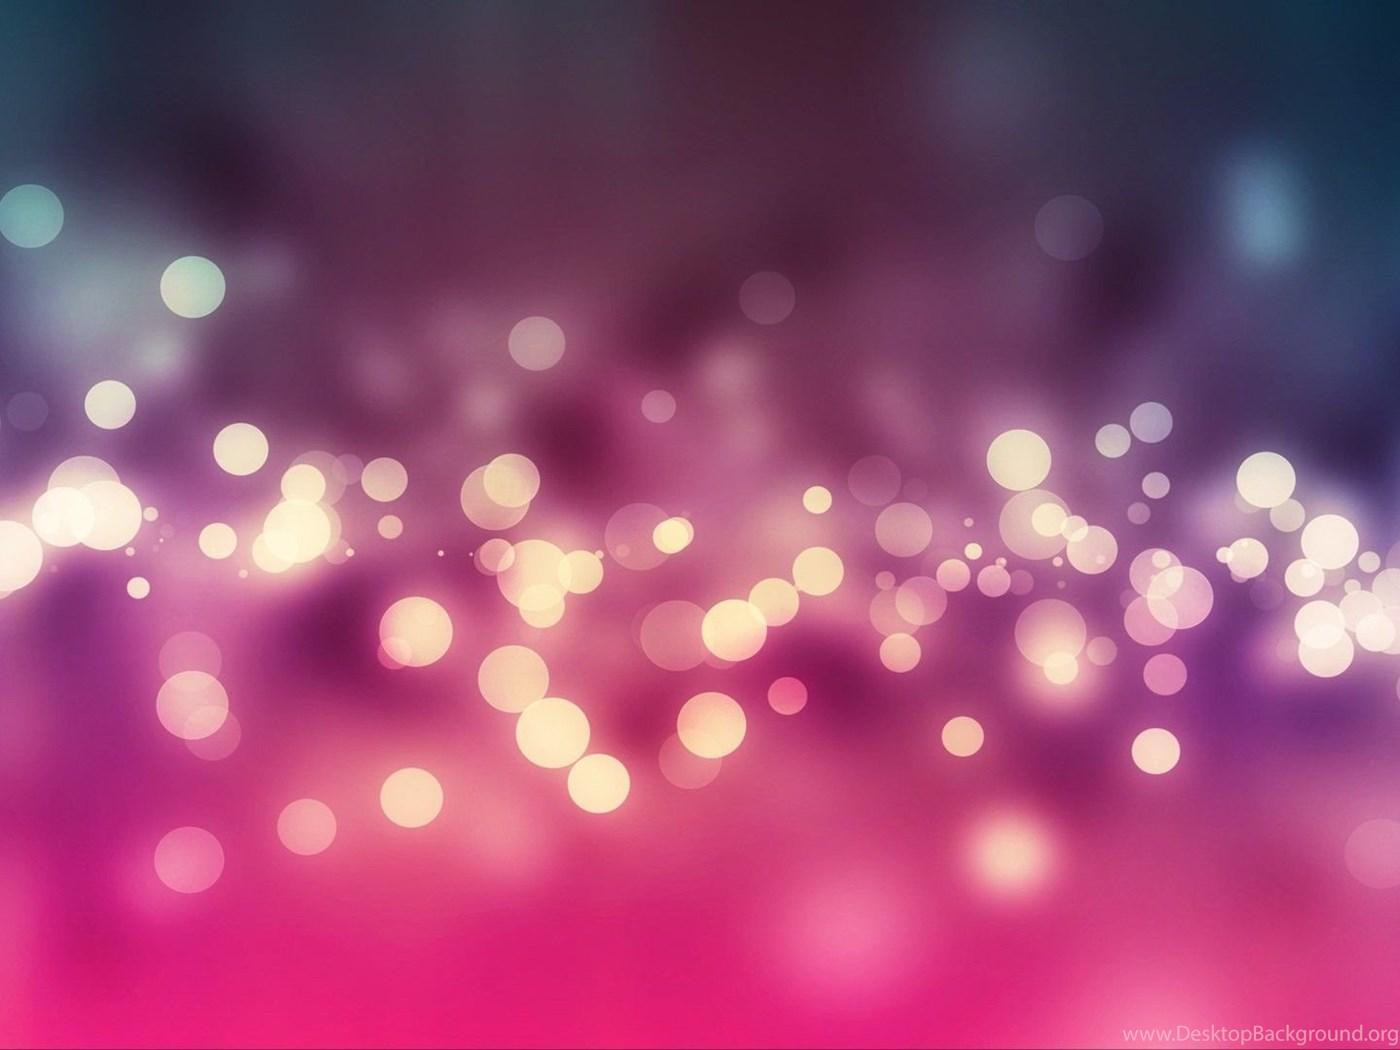 Bokeh Desktop HD Wallpaper, Bokeh Images, Bokeh Background, New